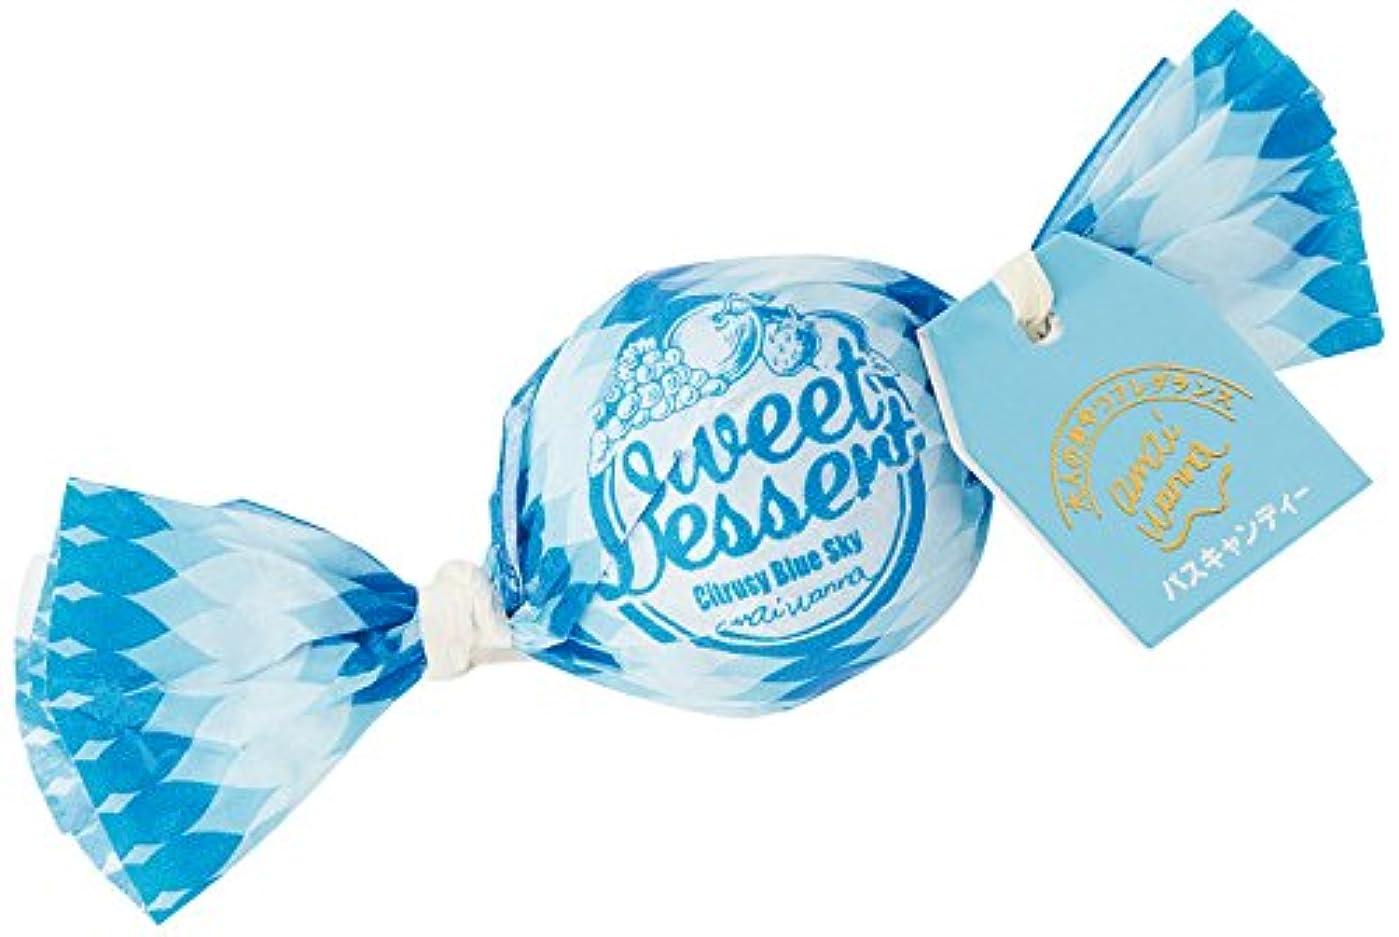 学生フェローシップホースアマイワナ バスキャンディー35g×12粒 青空シトラス(発泡タイプ入浴料 おおらかで凛としたシトラスの香り)